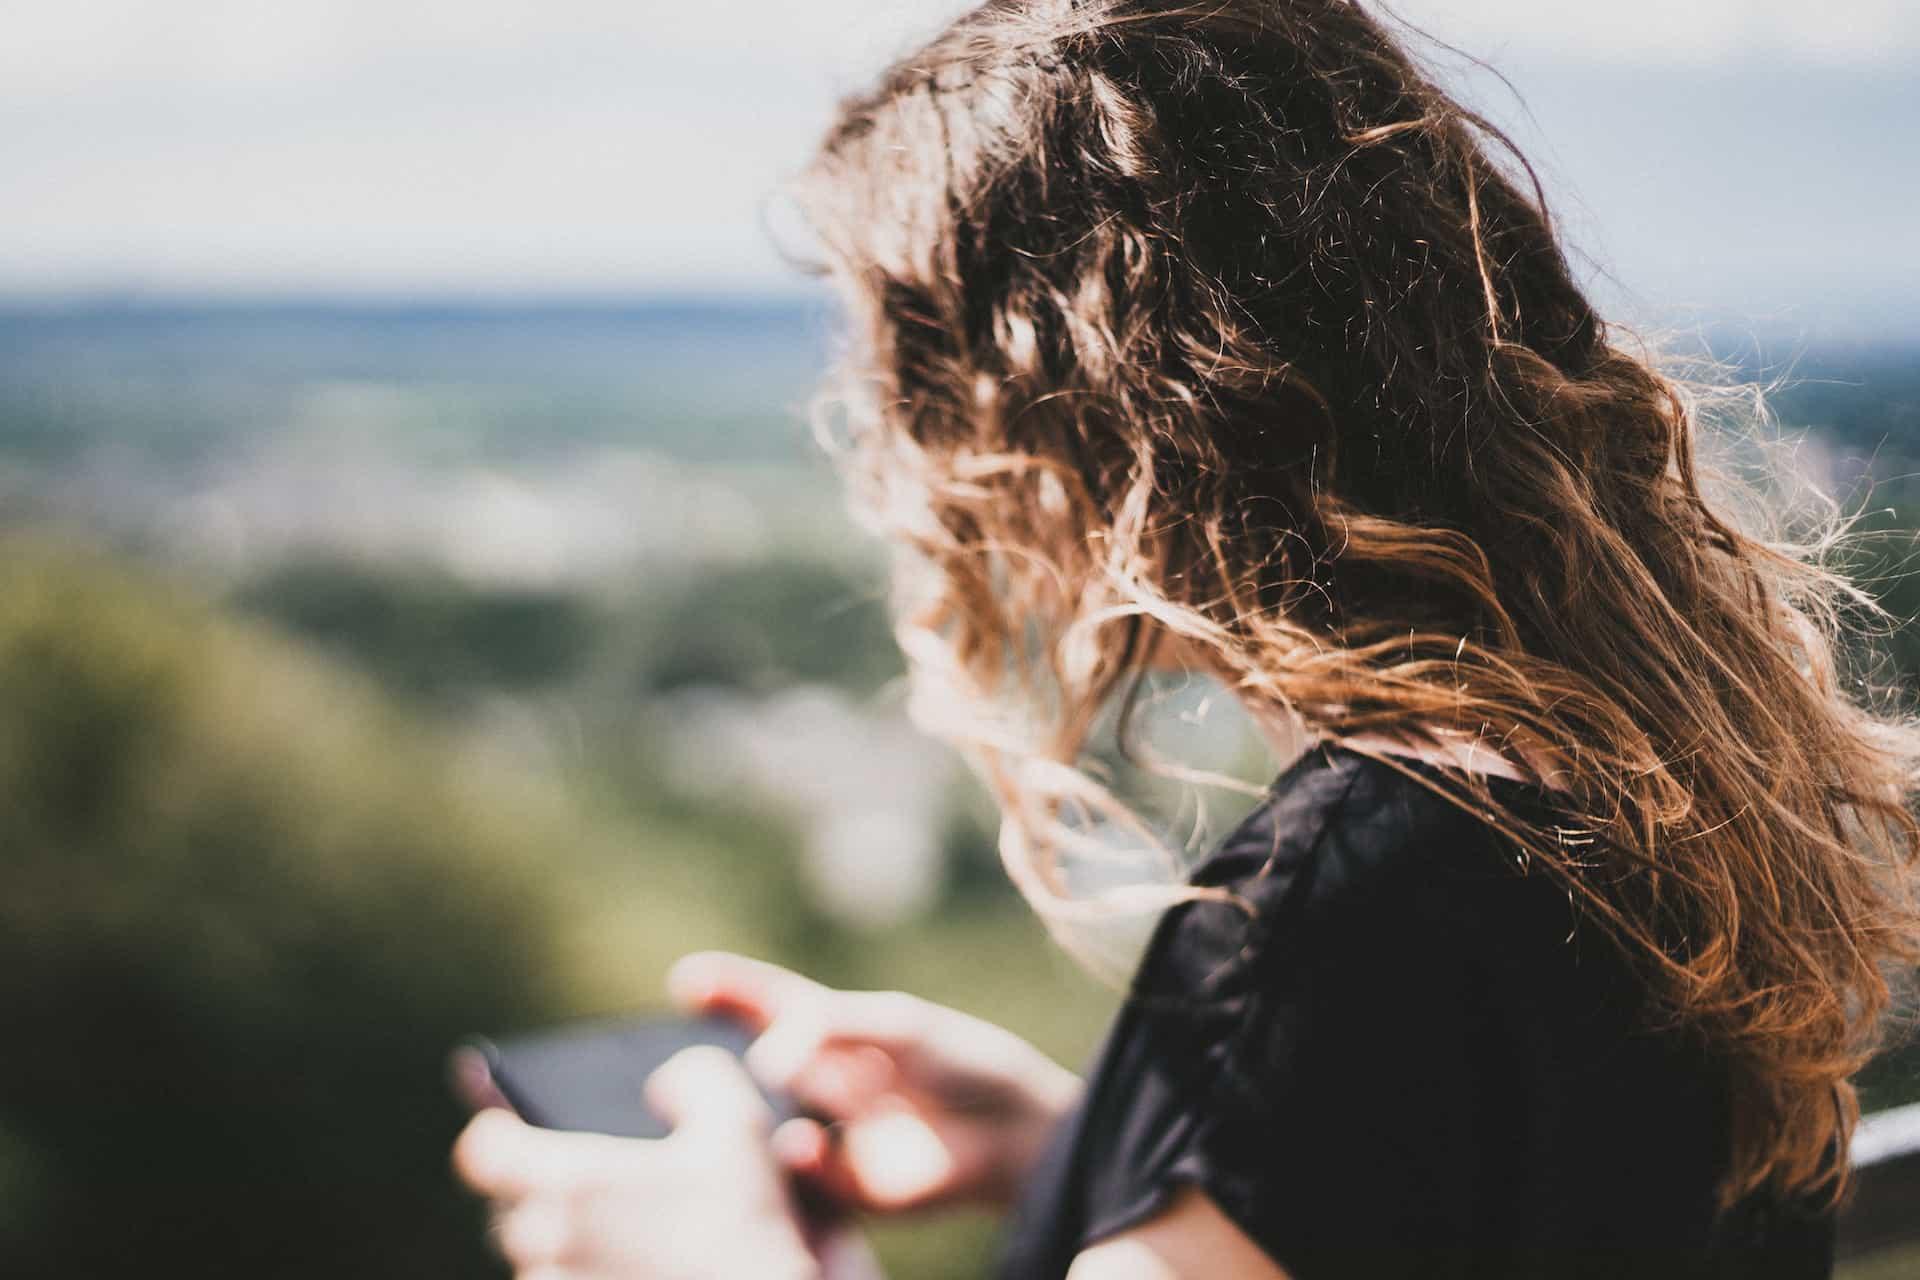 Blick ueber die Schulter einer Frau, die ein Smartphone haelt